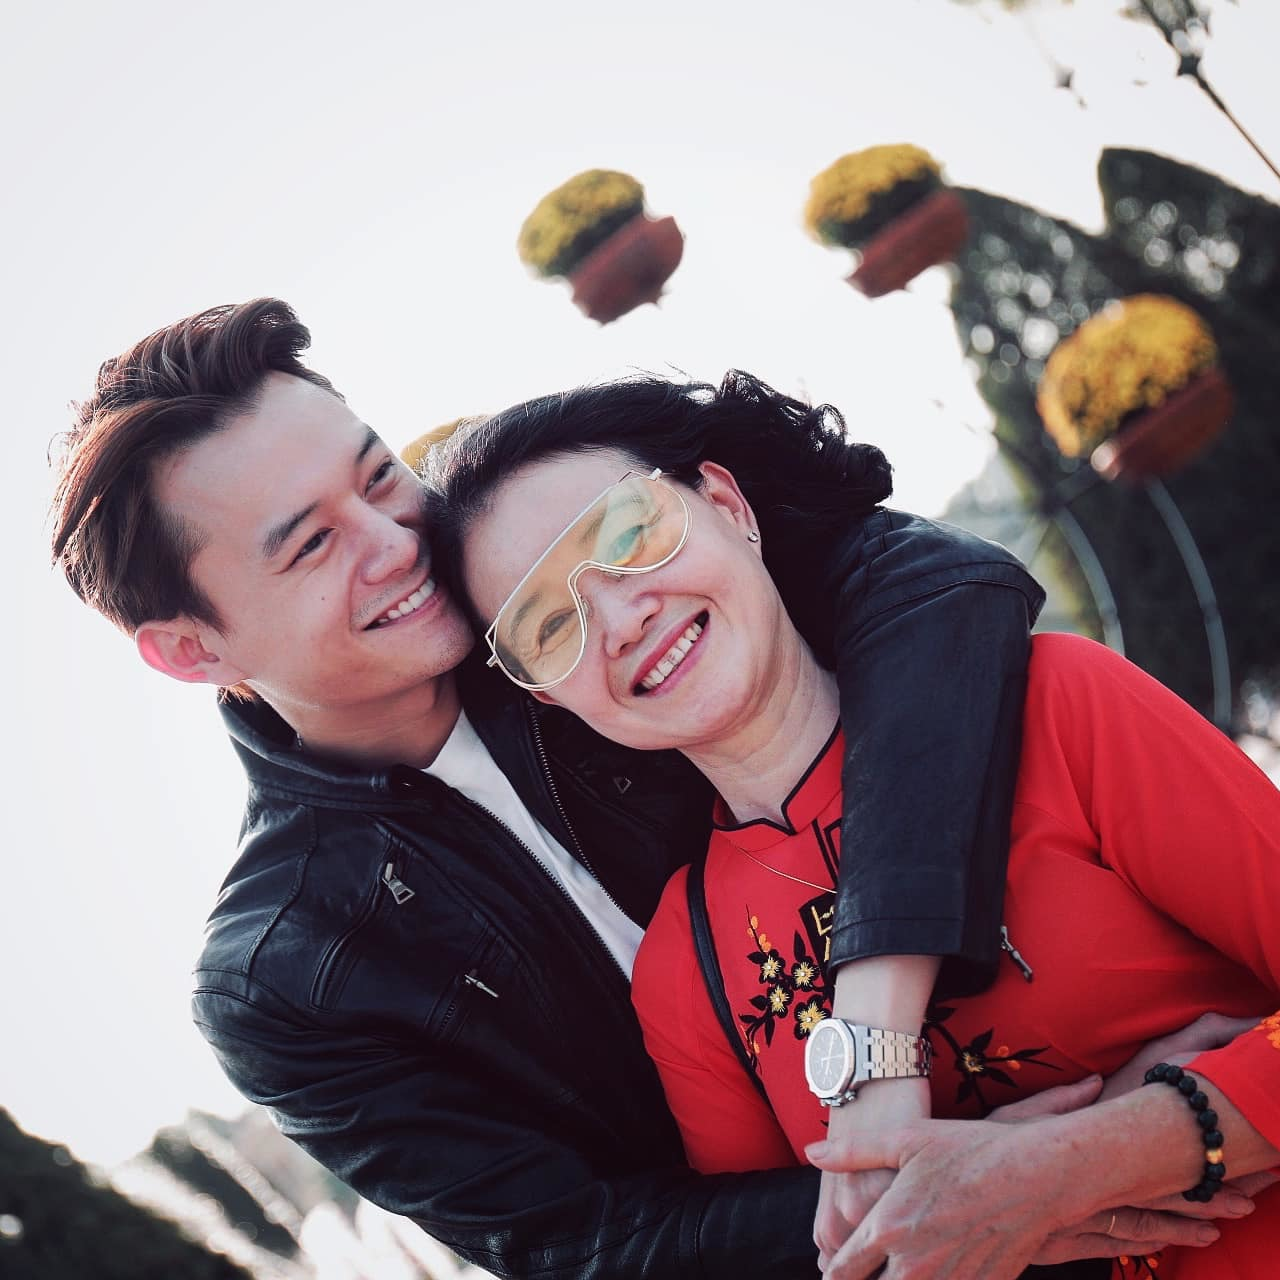 NSND Thu Hà trẻ trung dù hơn MC Thuỵ Vân tới 17 tuổi